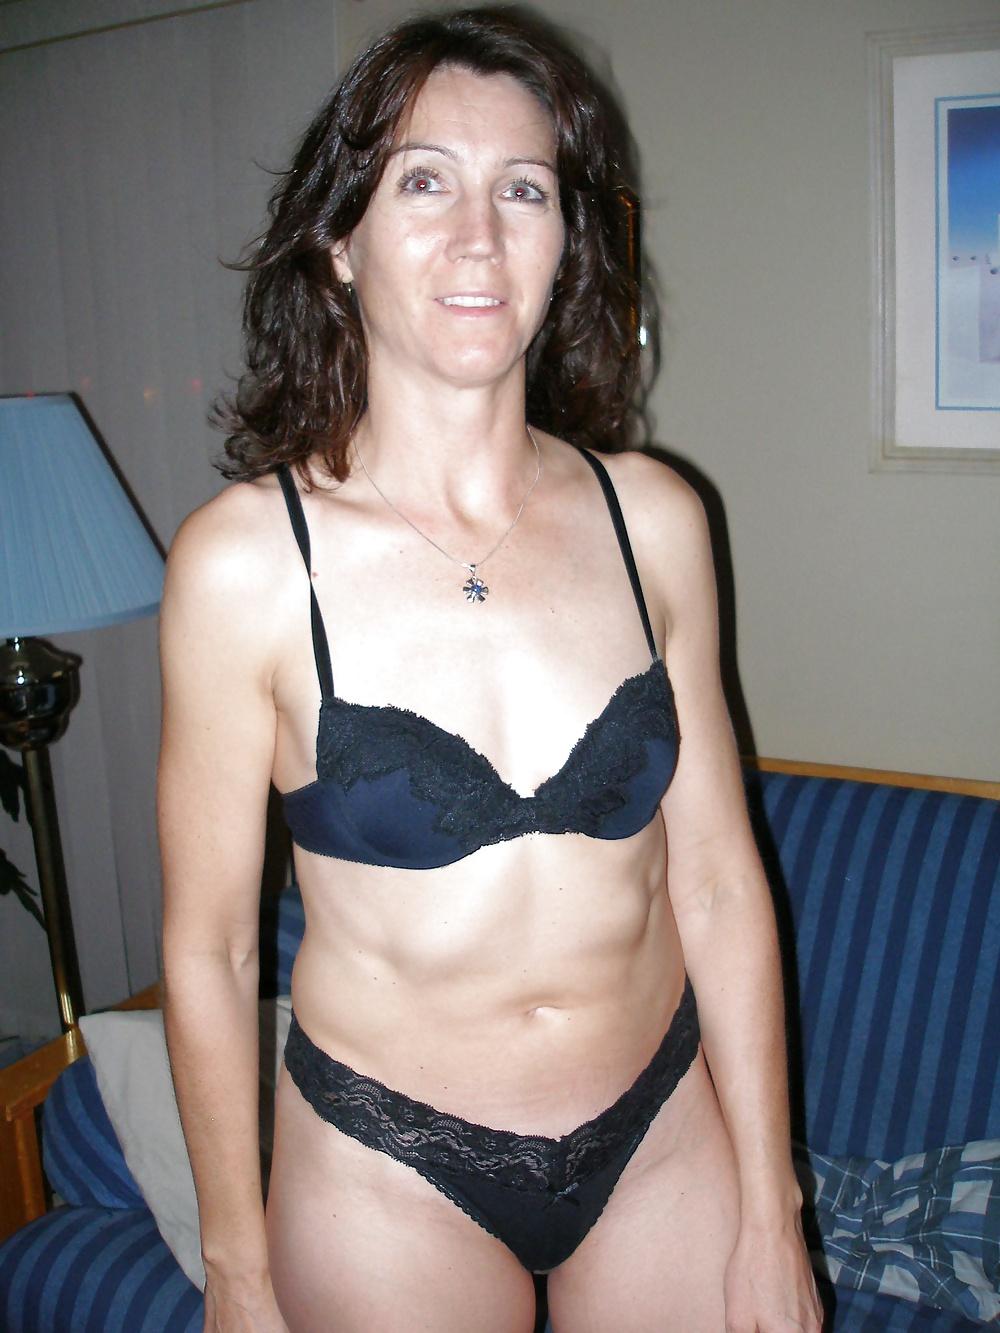 hairy underwear galleries